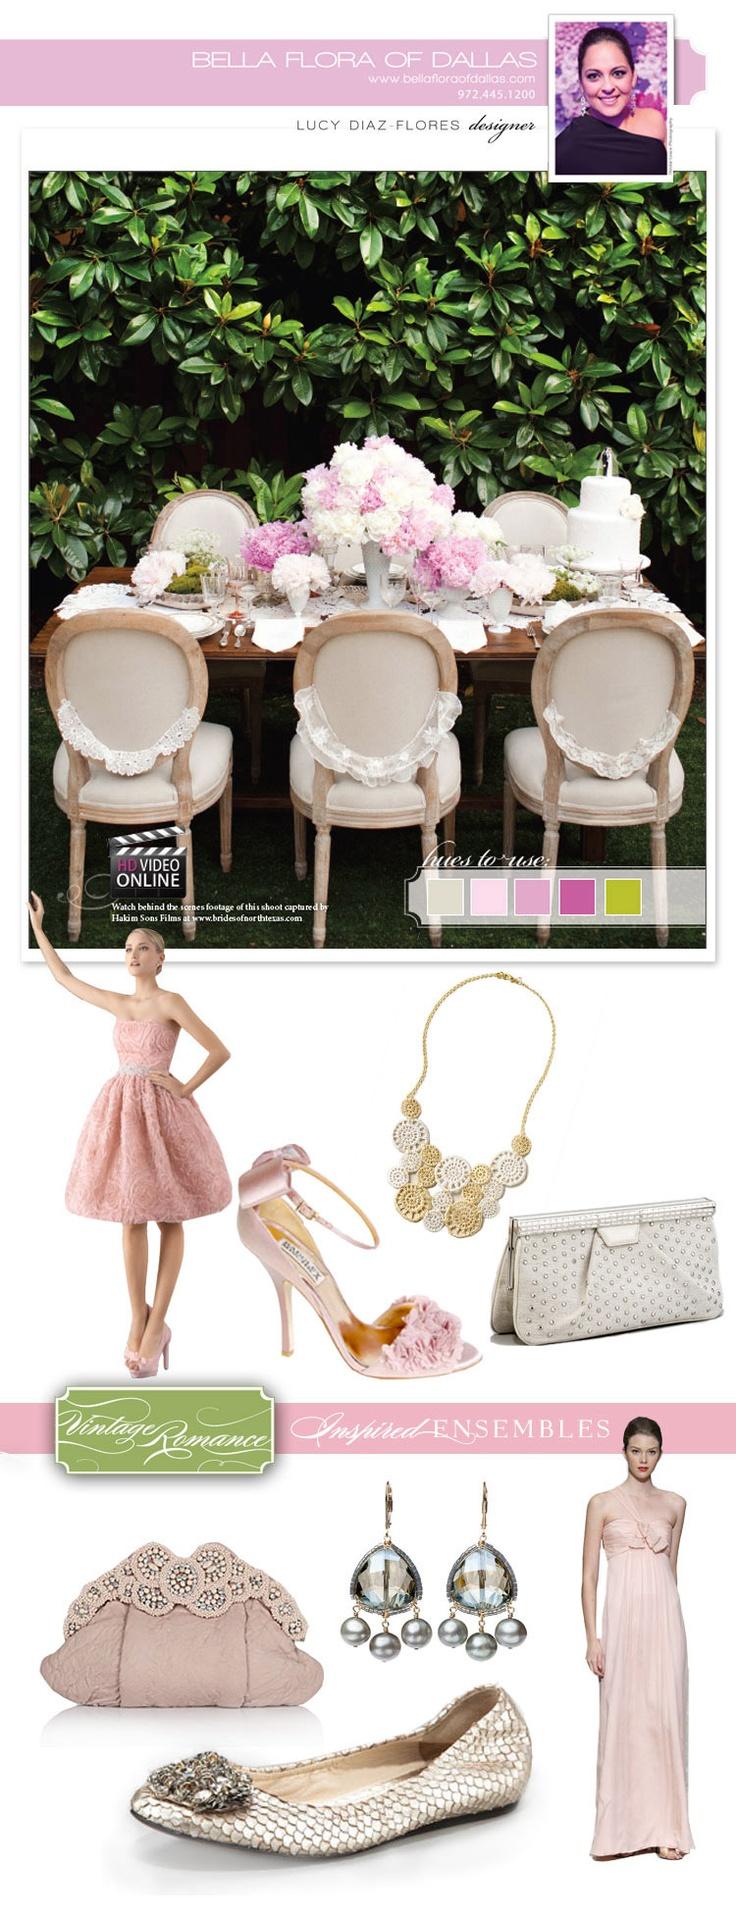 Cute Wedding Shower Decorations : Cute bridal shower decor wedding ideas